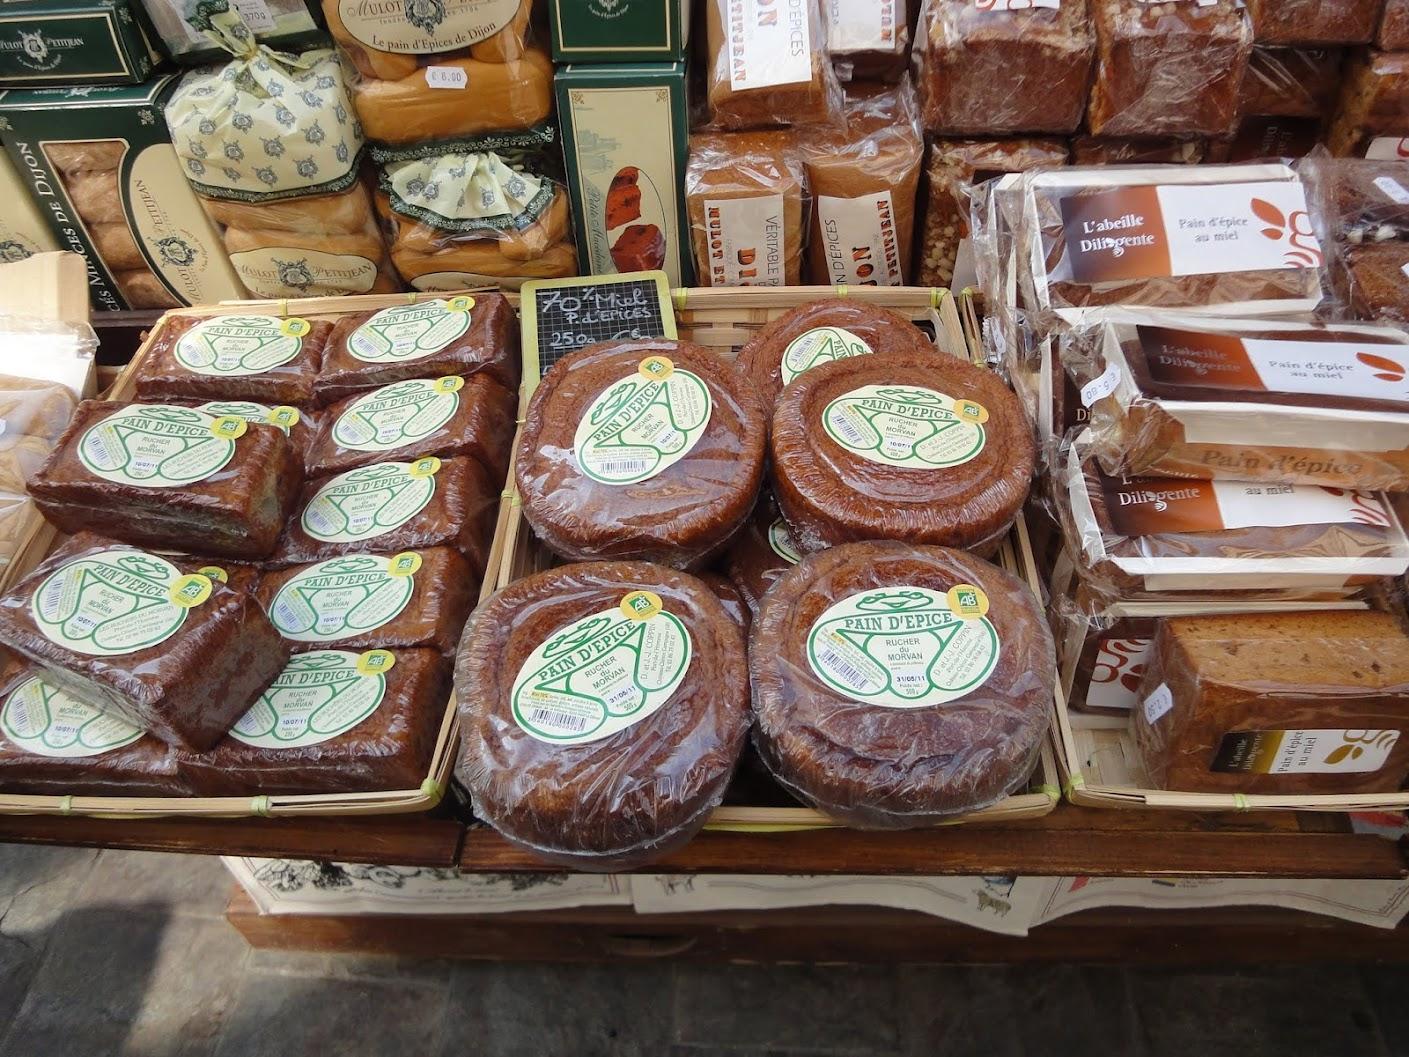 Pains d'épice à Dijon